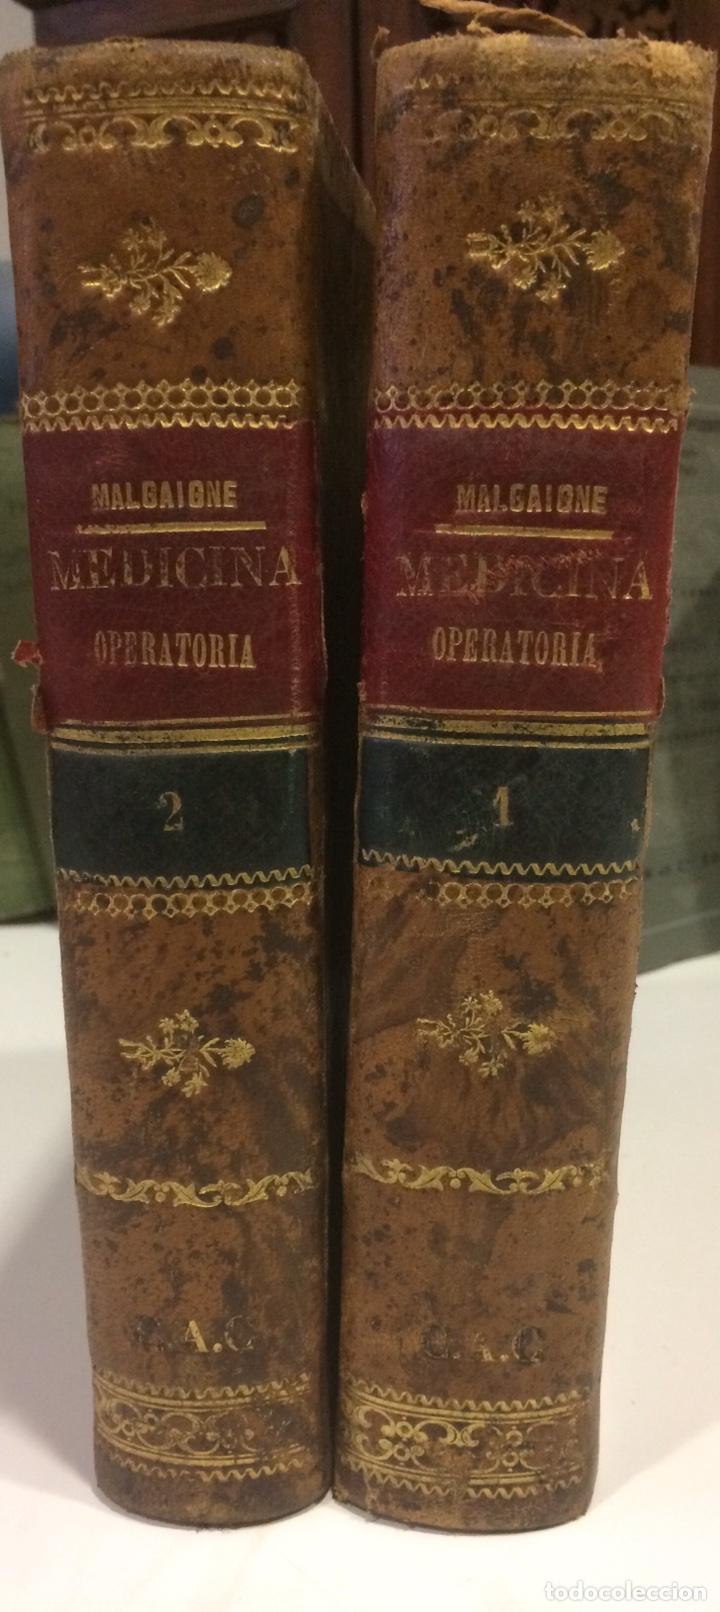 MEDICINA OPERATORIA IYII J.F MALGAIGNE 8 EDICIÓN (Libros de Segunda Mano - Ciencias, Manuales y Oficios - Medicina, Farmacia y Salud)